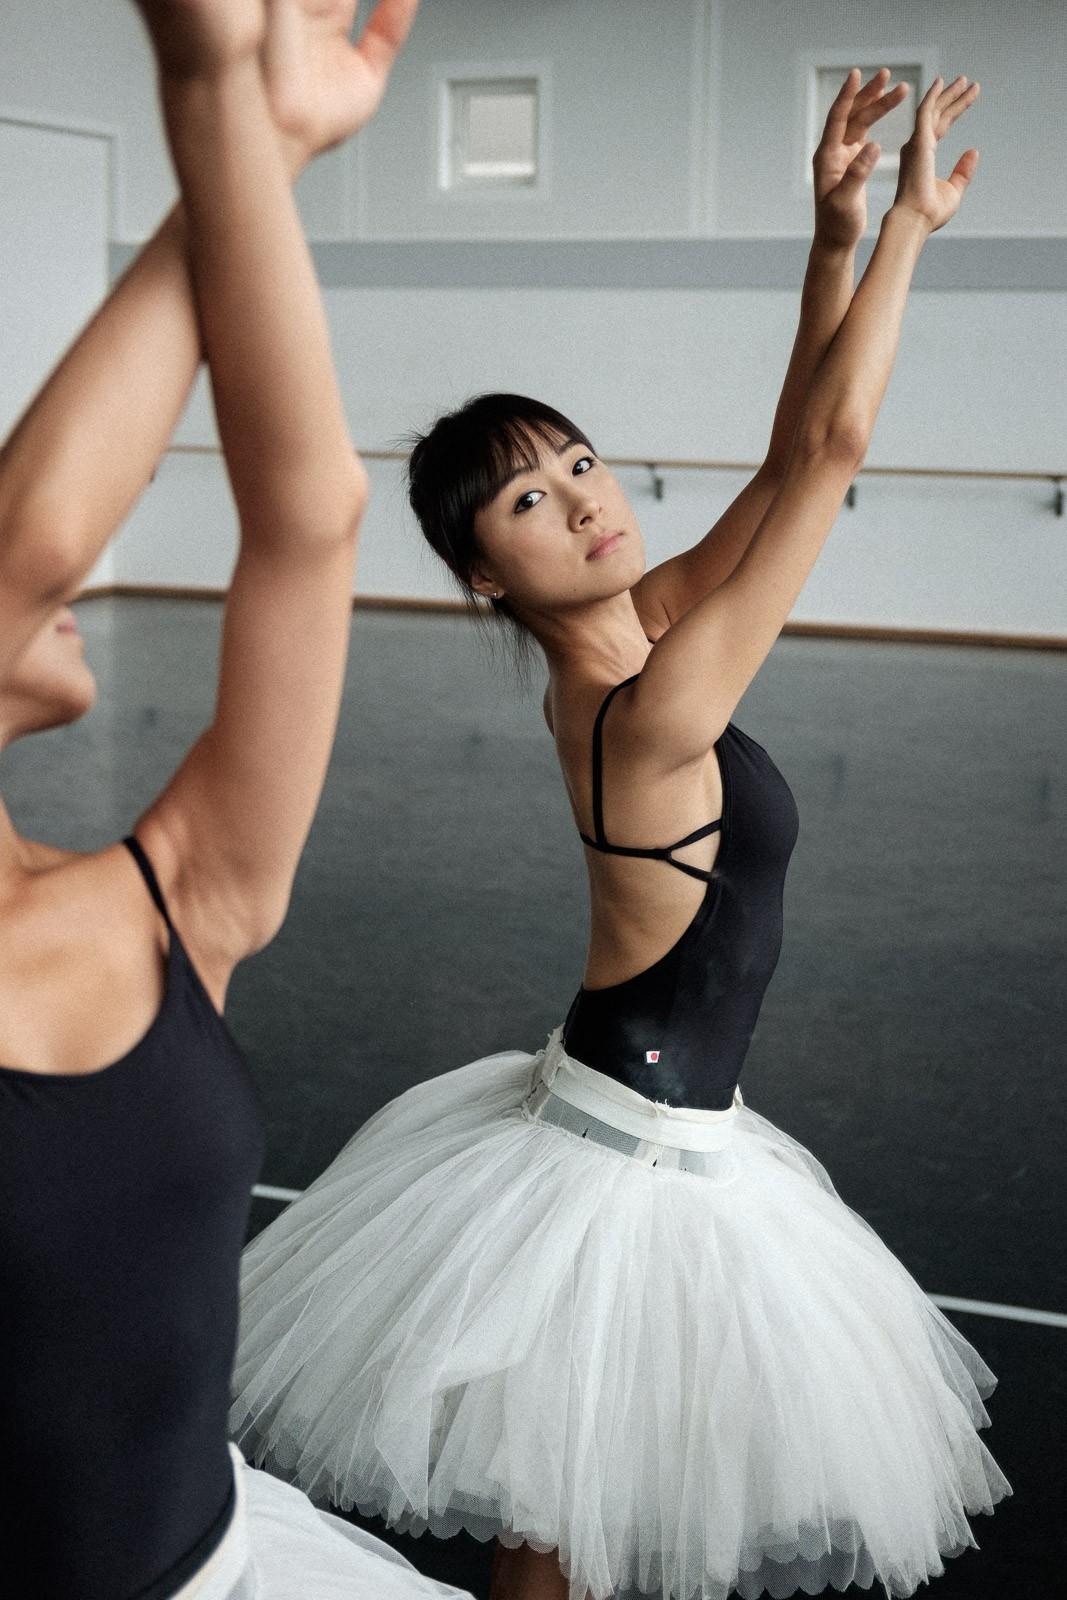 backstage-ballet-02.jpg